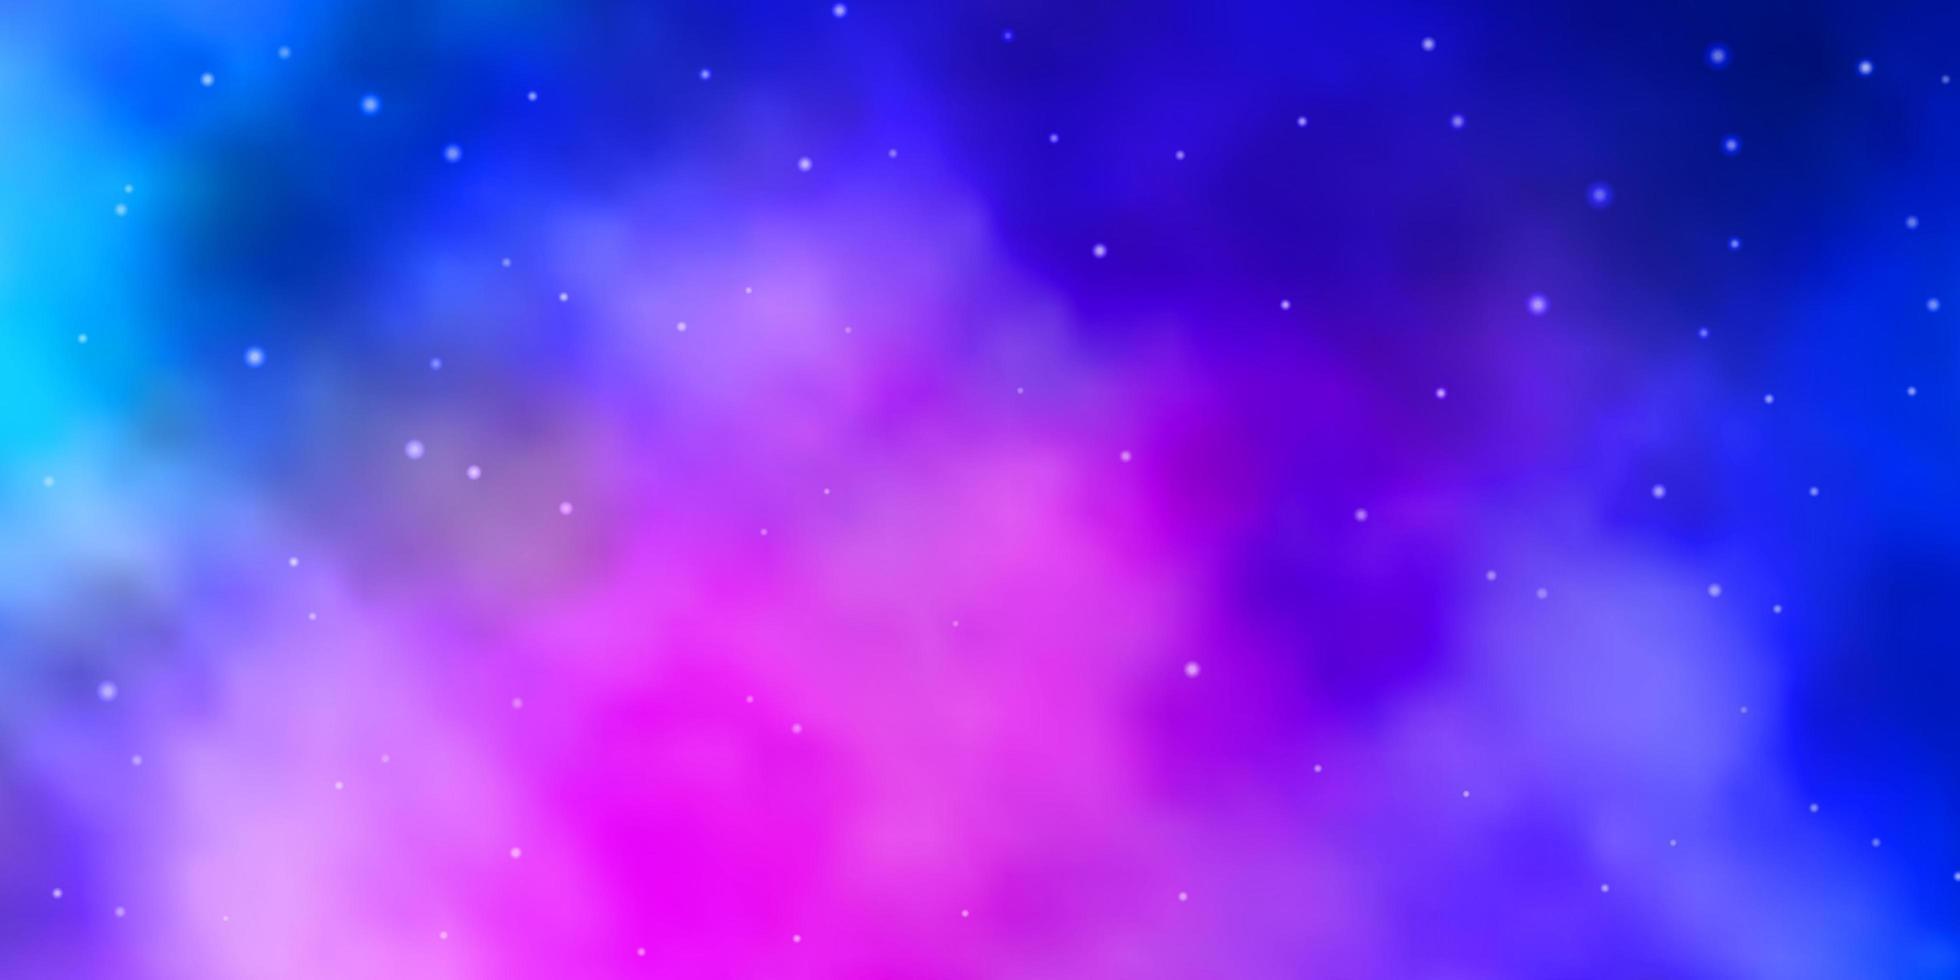 padrão de vetor azul e vermelho claro com estrelas abstratas.